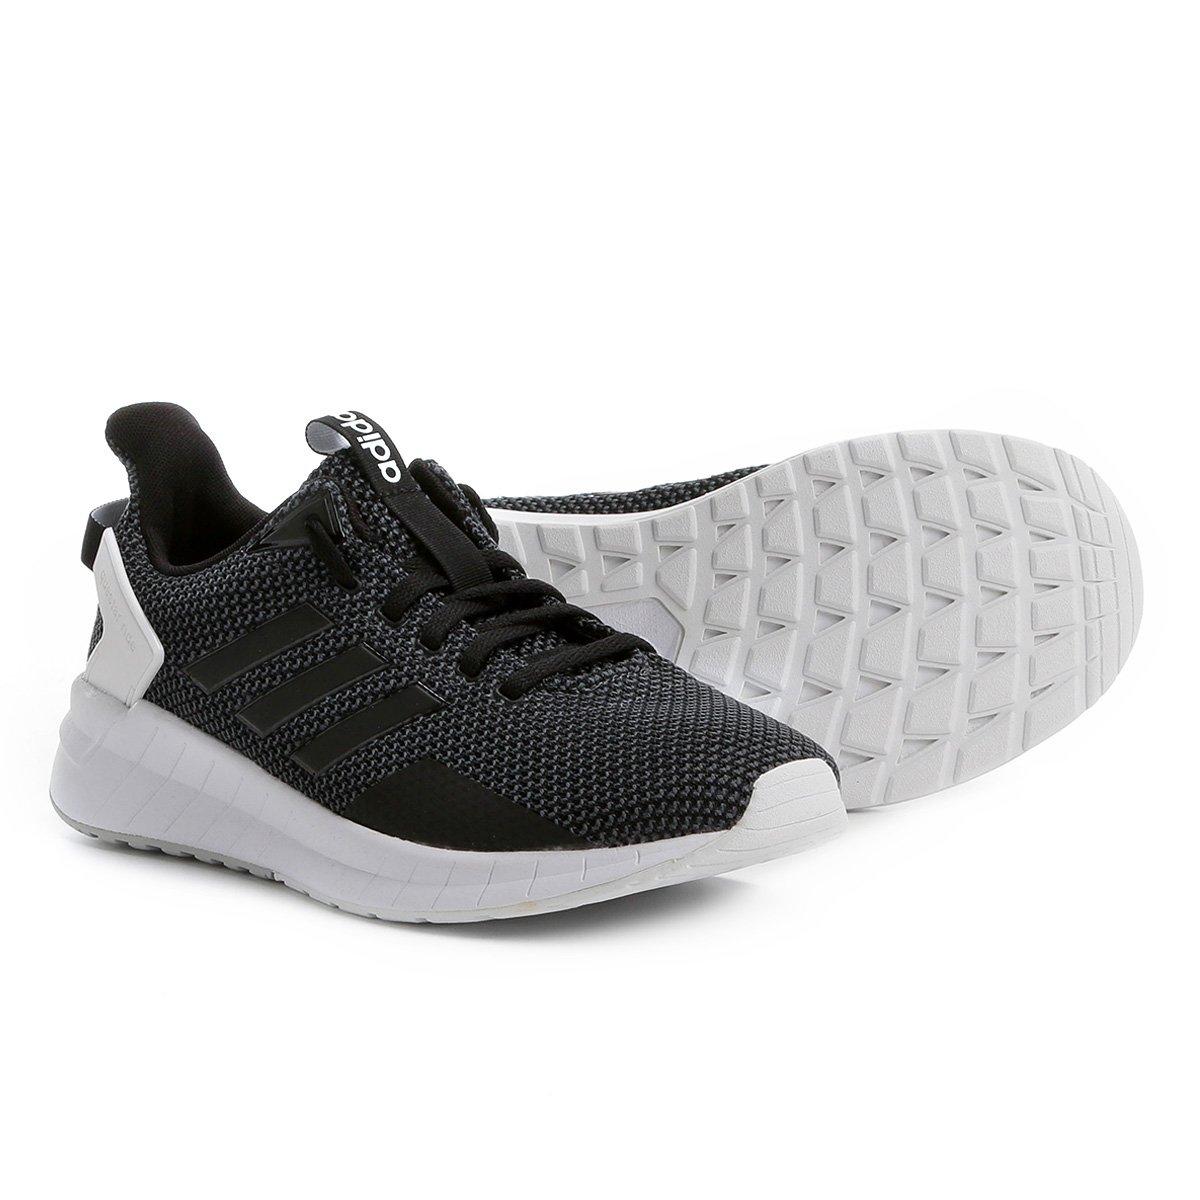 4358b330c2 Tênis Adidas Questar Ride Feminino - Preto+Cinza. R$ 349,99